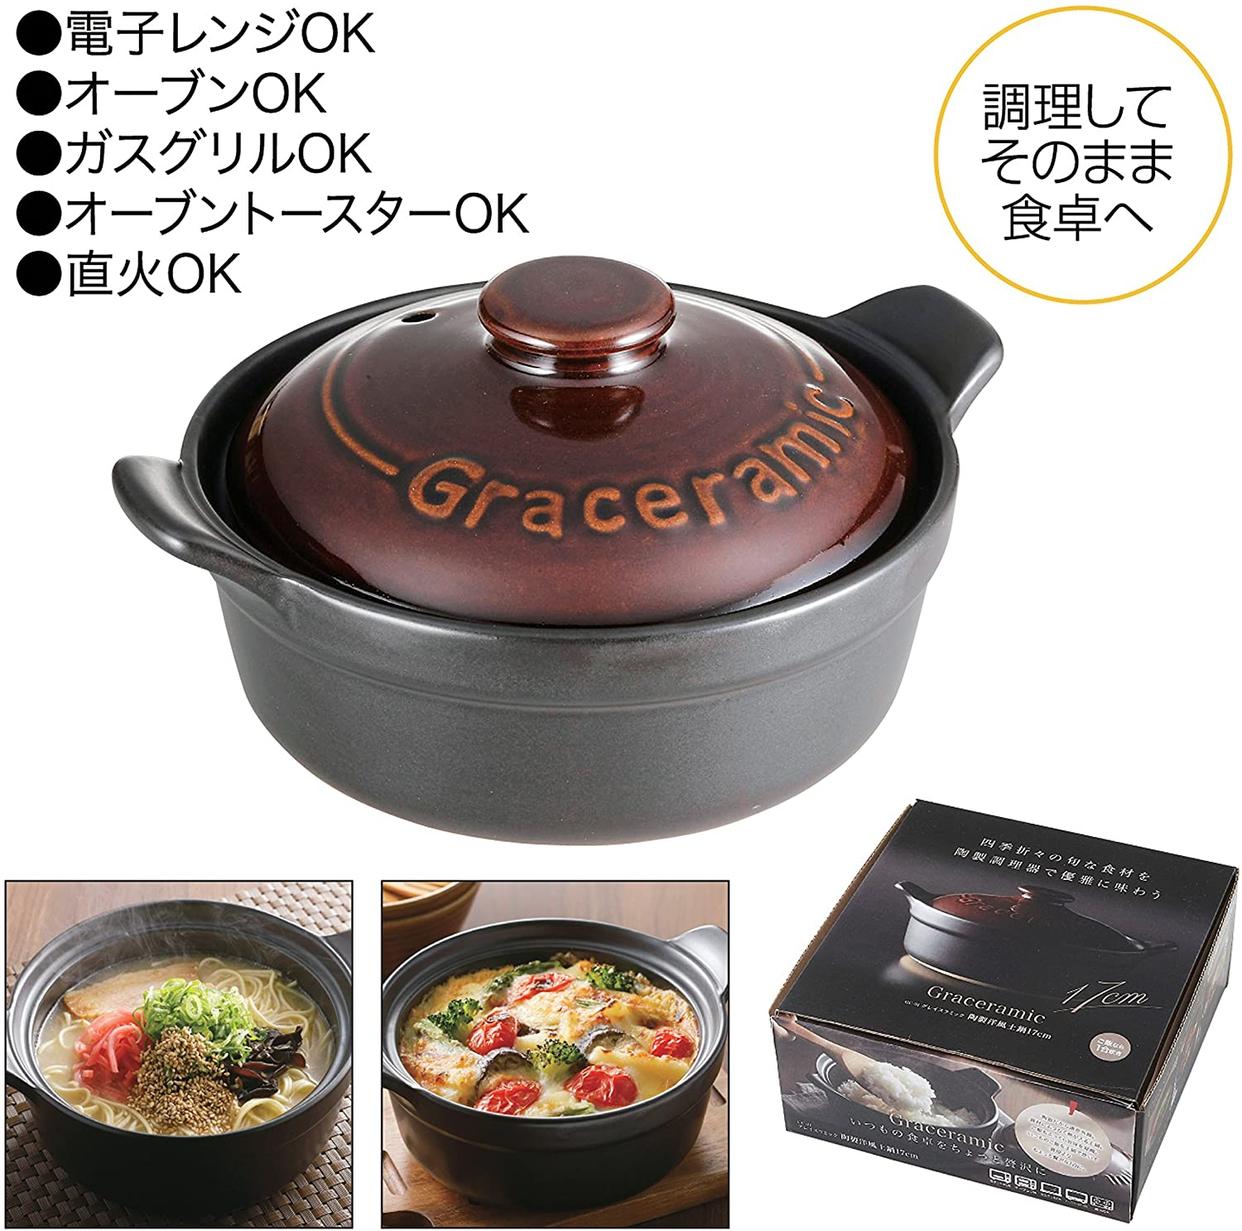 エソール 電子レンジ炊飯土鍋 Gracramicの商品画像2